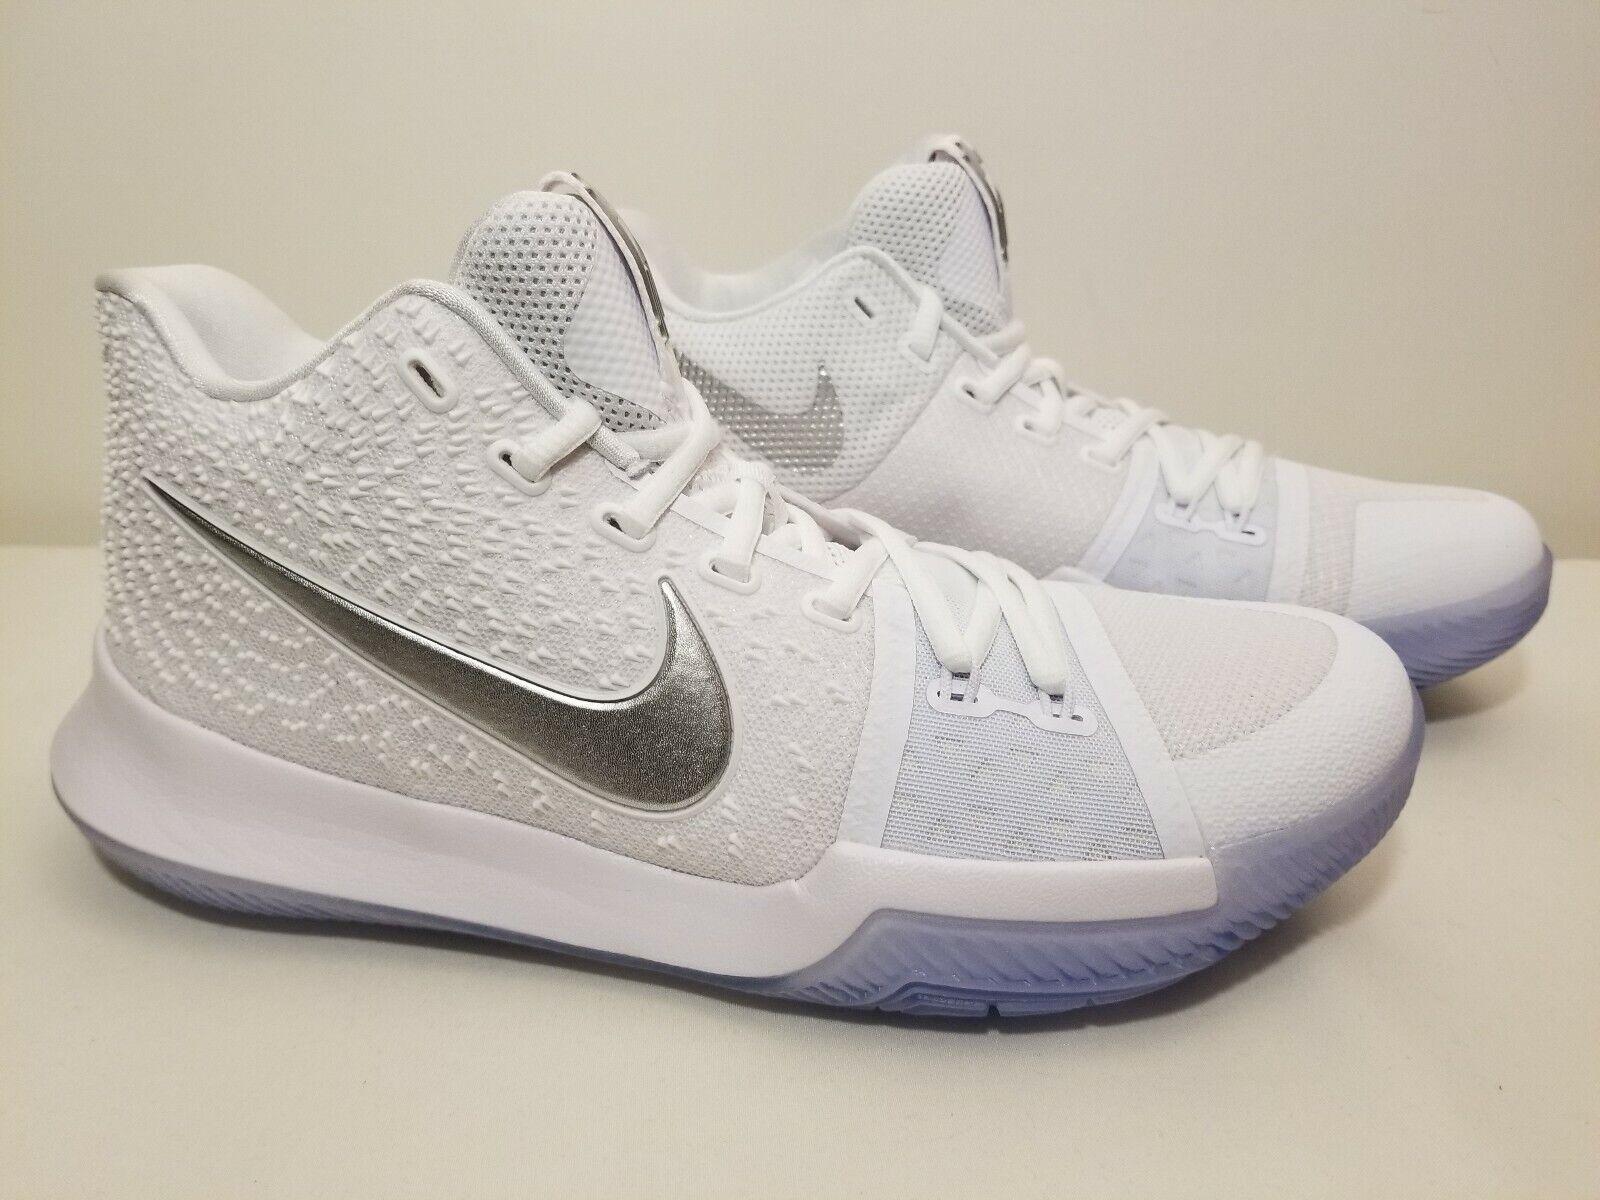 new style 66faa e3f7b NIKE KYRIE 3 III Triple White Chrome Ice 852395-103 Size 8.5 Basketball Shoe